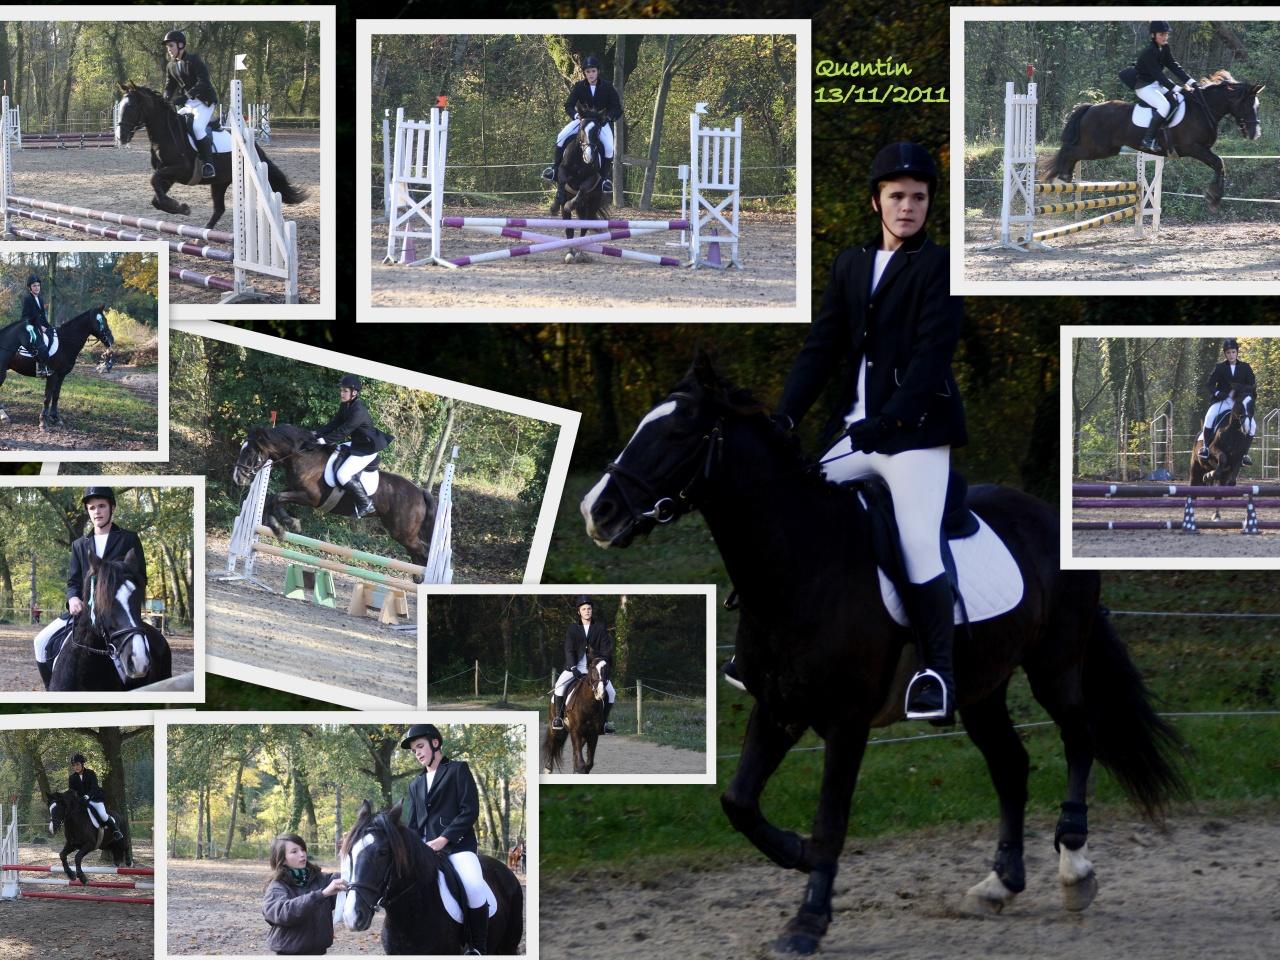 Quentin CSO Labatie Rolland 13 nov 2011